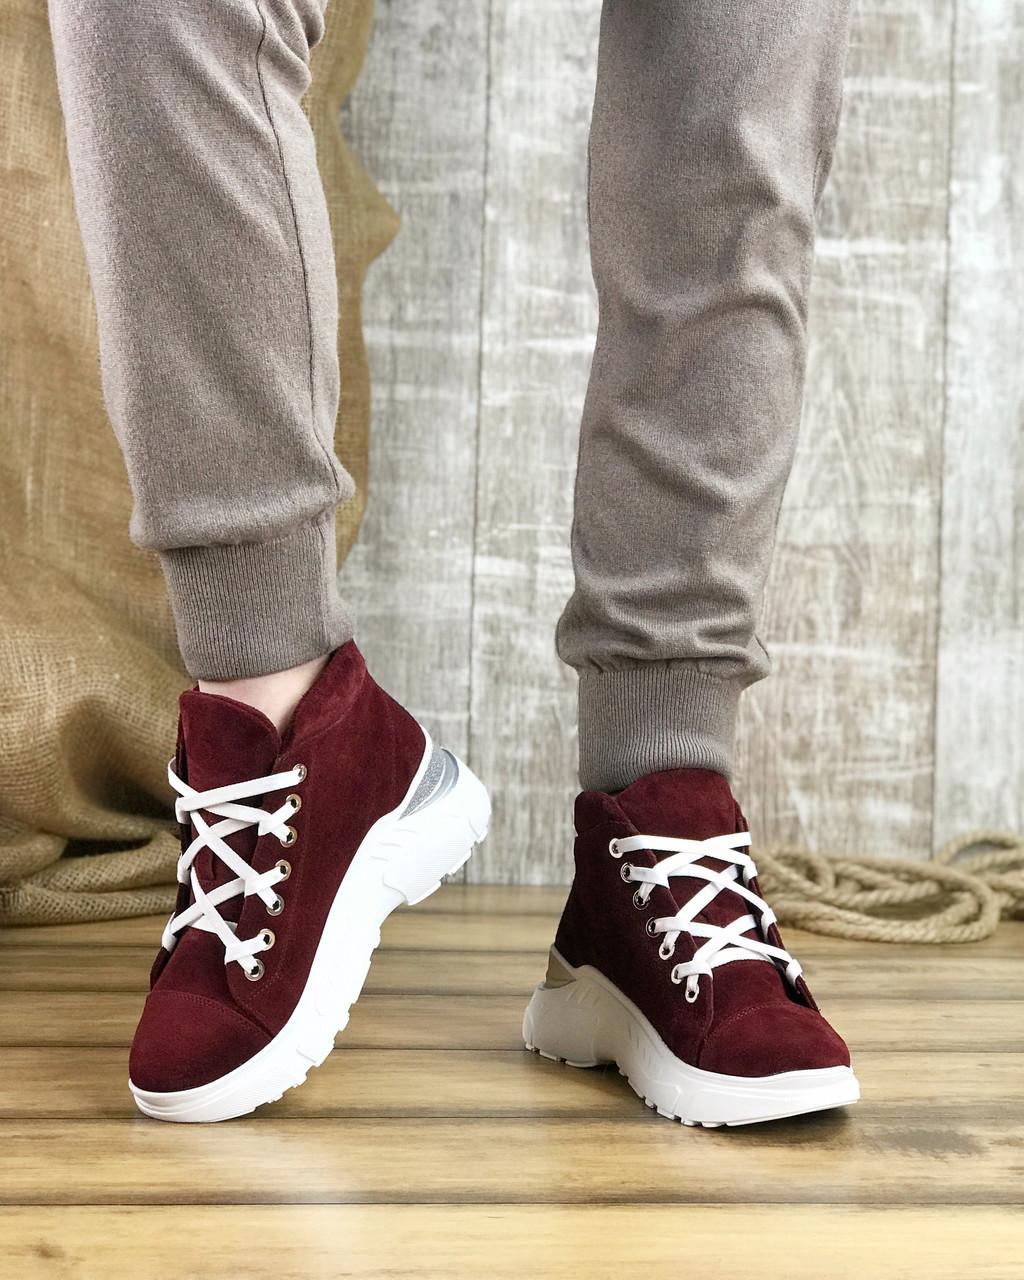 Ботинки женские замшевые бордовые спортивные на шнурках MORENTO (зима)